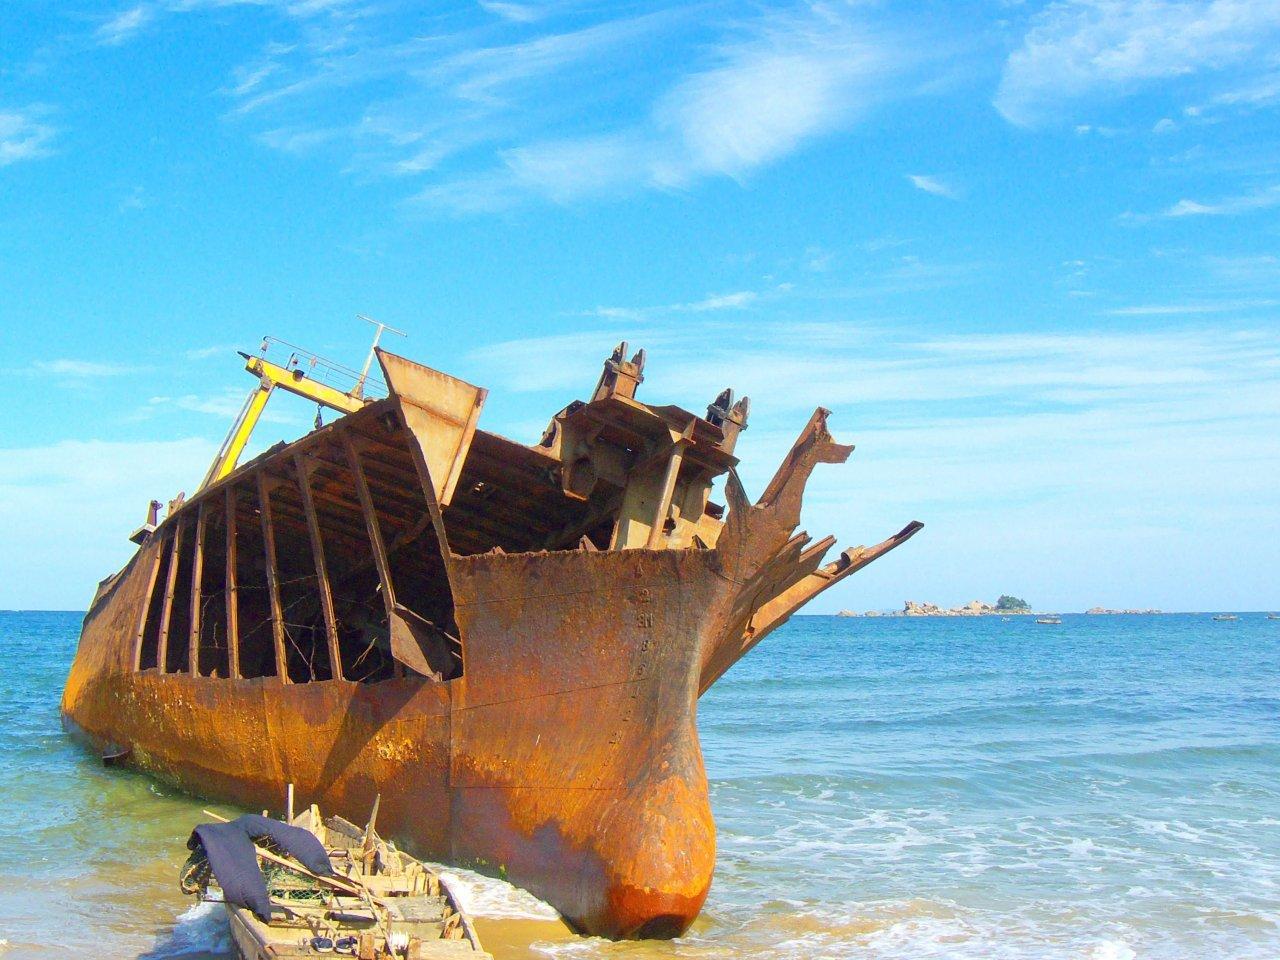 Wraki statków #2 27